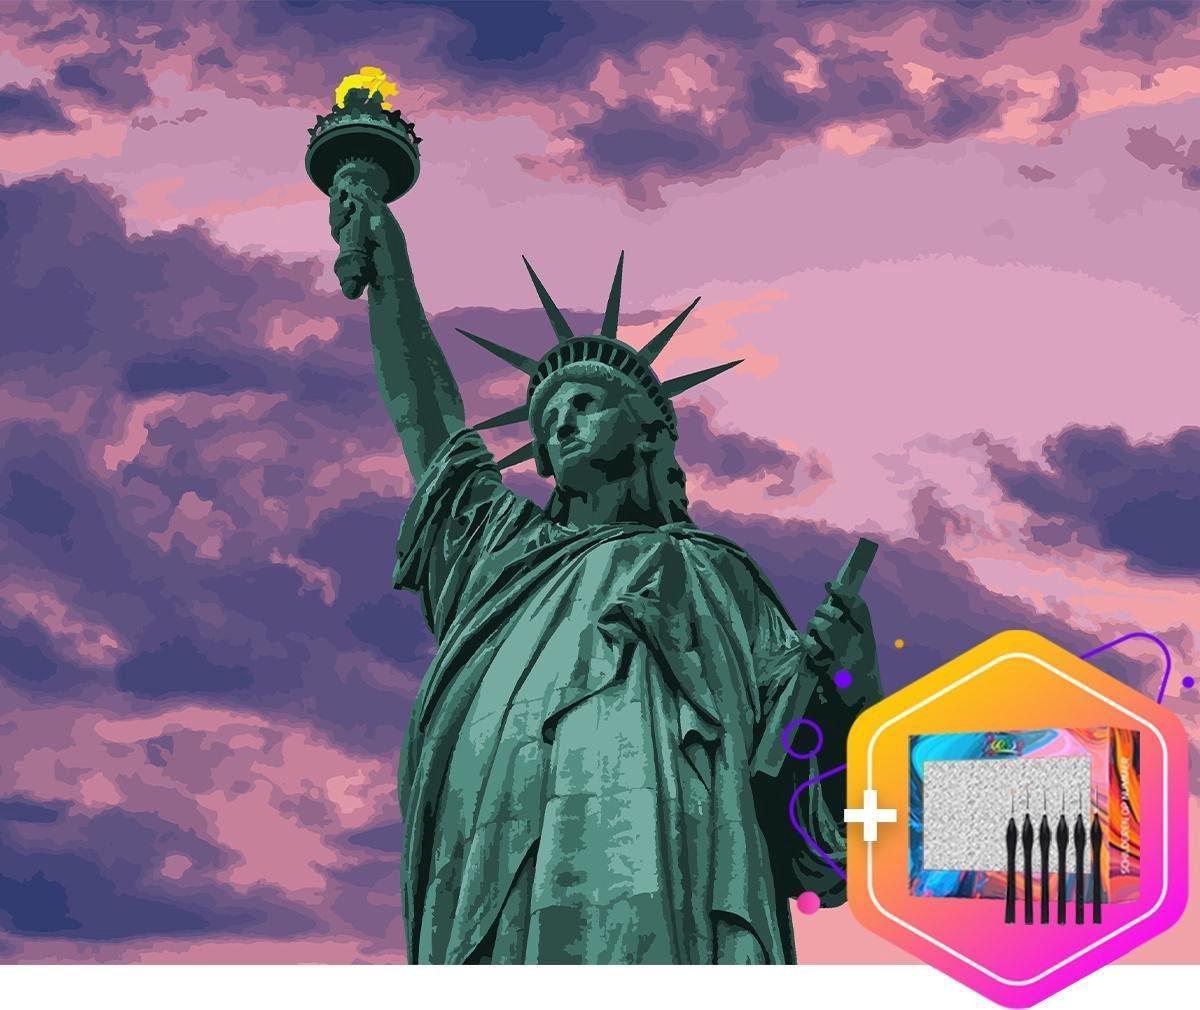 Pcasso ® Vrijheidsbeeld paars - Schilderen Op Nummer - Incl. 6 Ergonomische Penselen & Geschenkverpakking - Schilderen Op Nummer Volwassenen - Statue of Liberty - Kleuren Op Nummer - 40x50 cm - Professionele 26-Delige Set